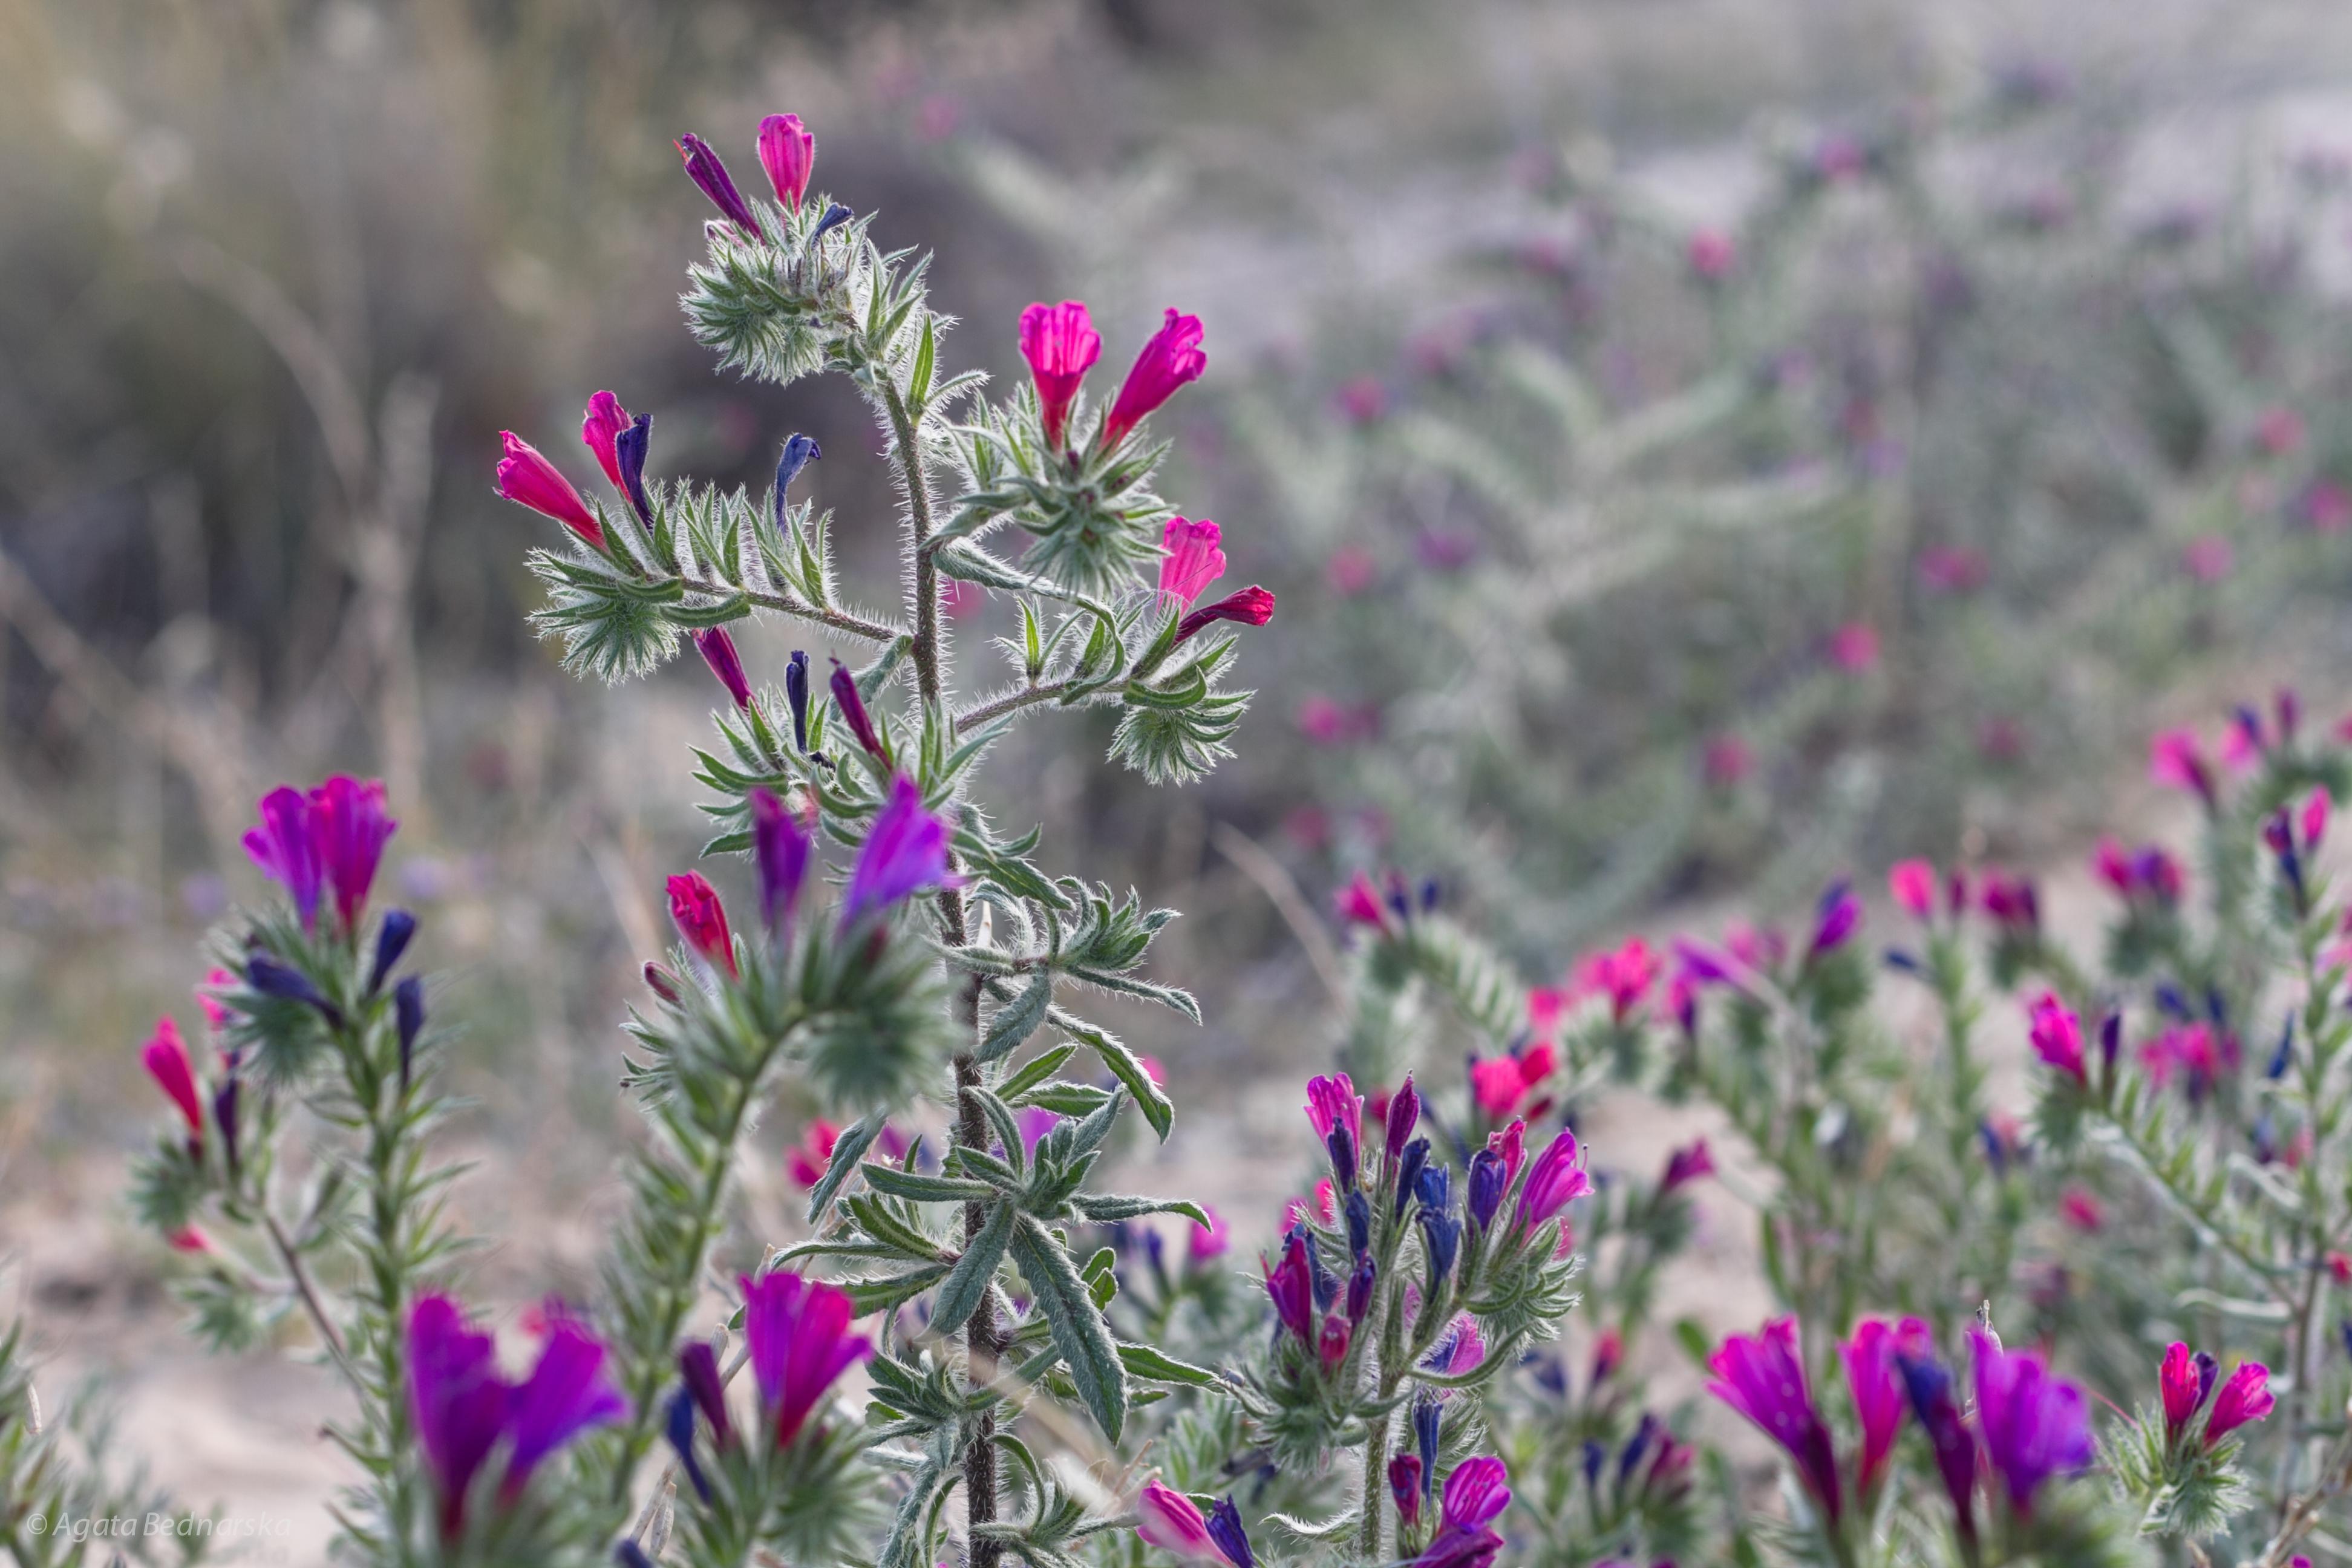 Flowers in Spain